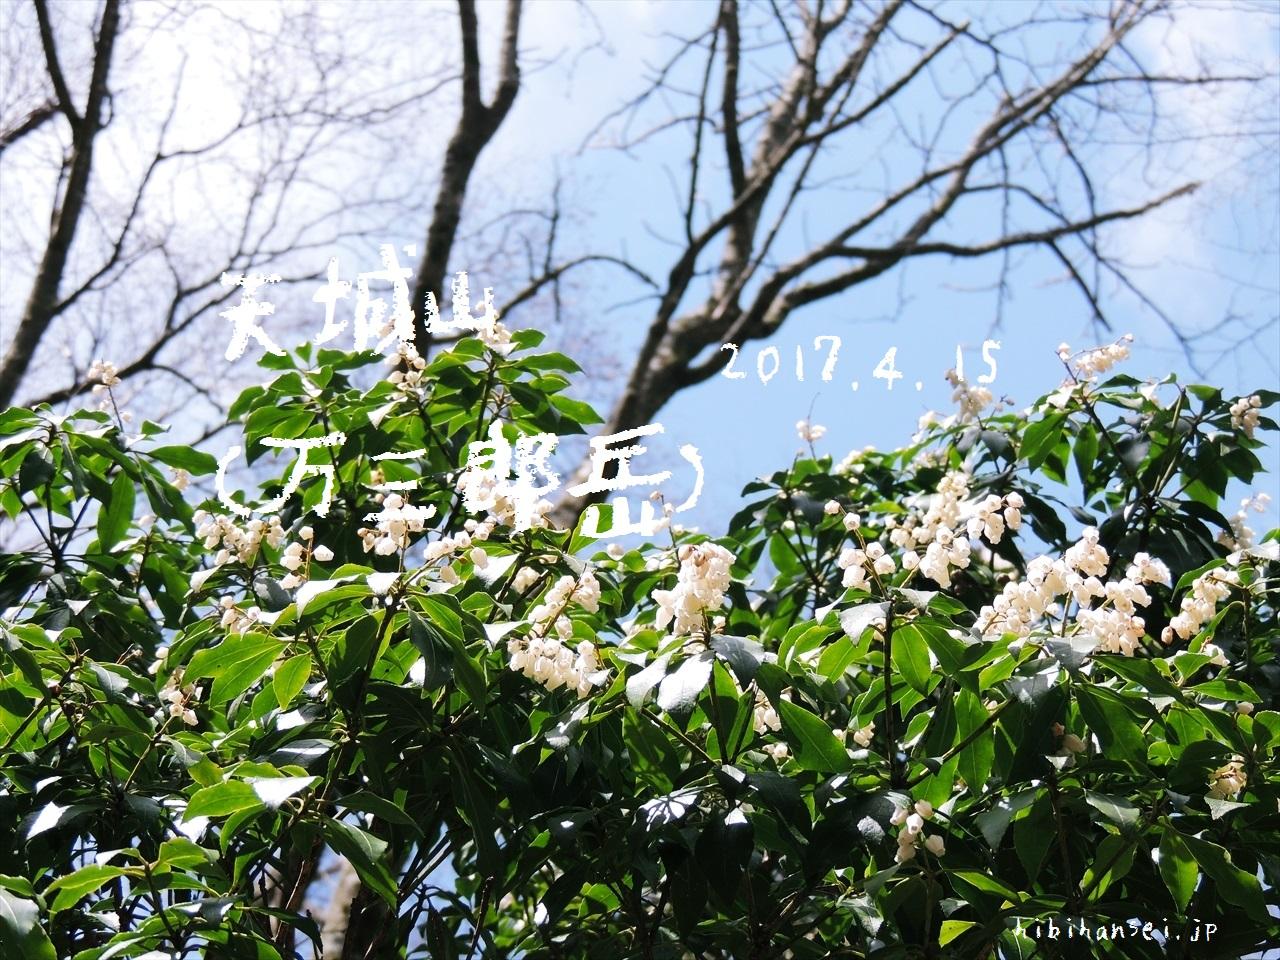 天城山 登山(万二郎岳〜万三郎岳) 満開のアセビと桜くらくら燃える峰(2017.4.15)